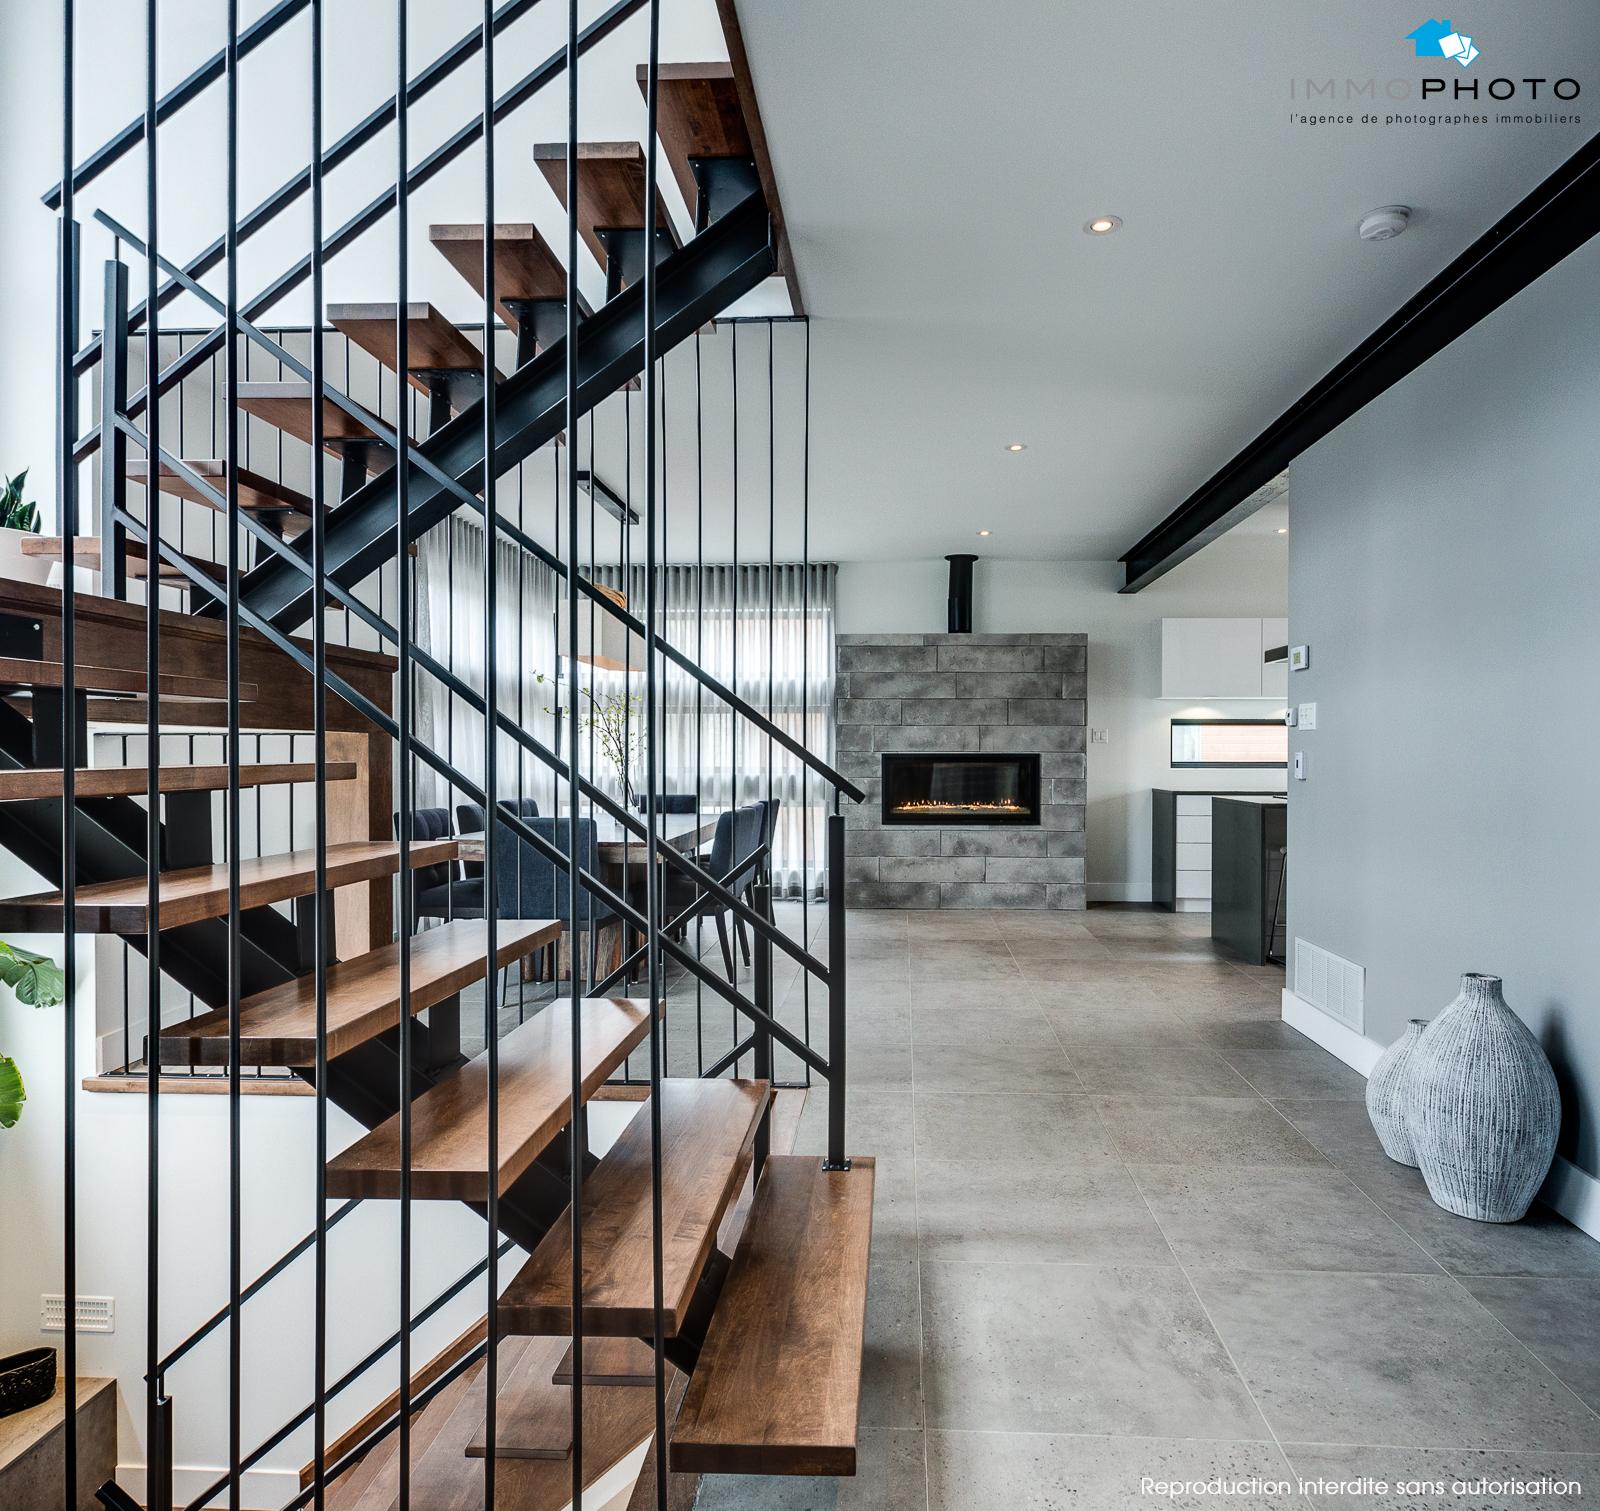 Architecture et design : un intérieur contemporain | Frederic Blanchet